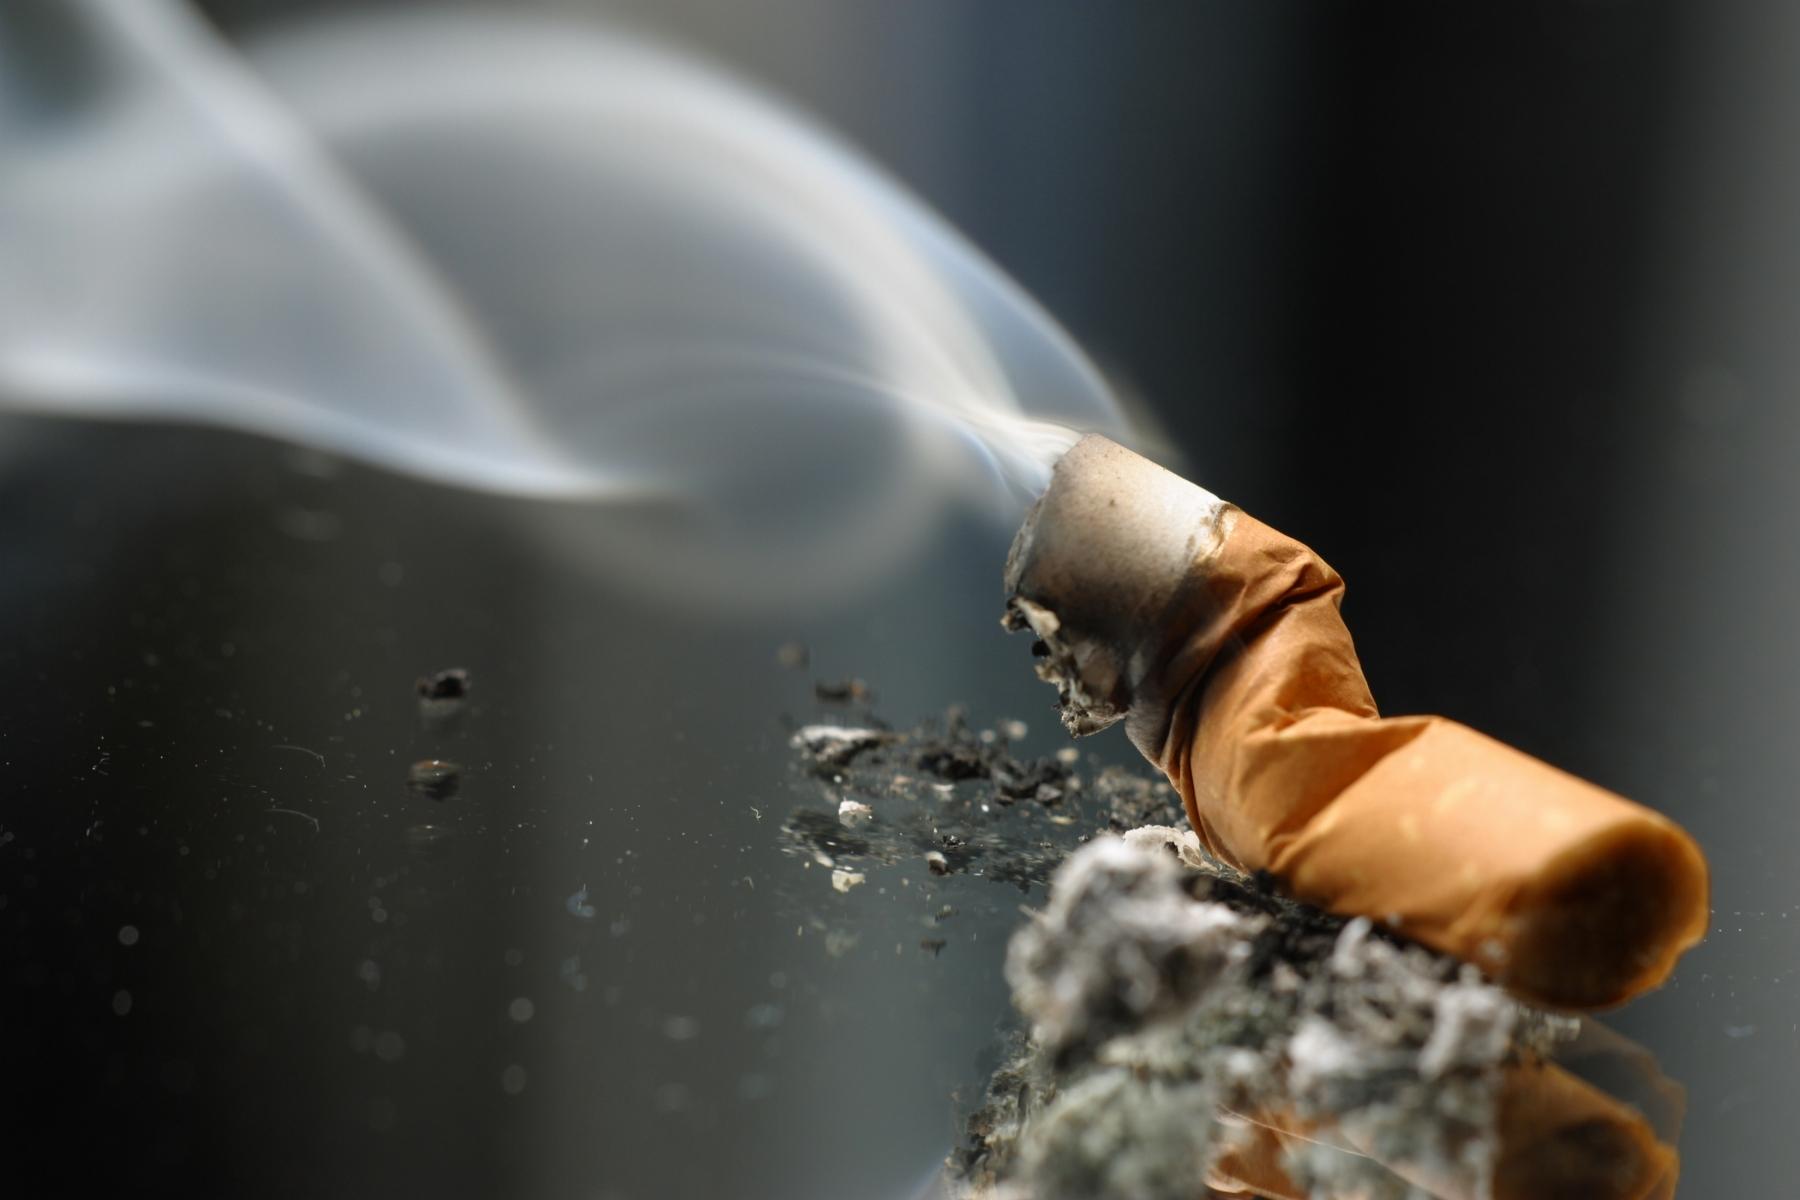 Mexicanos fumaron 2.6 cajas de cigarros más al mes en 2016